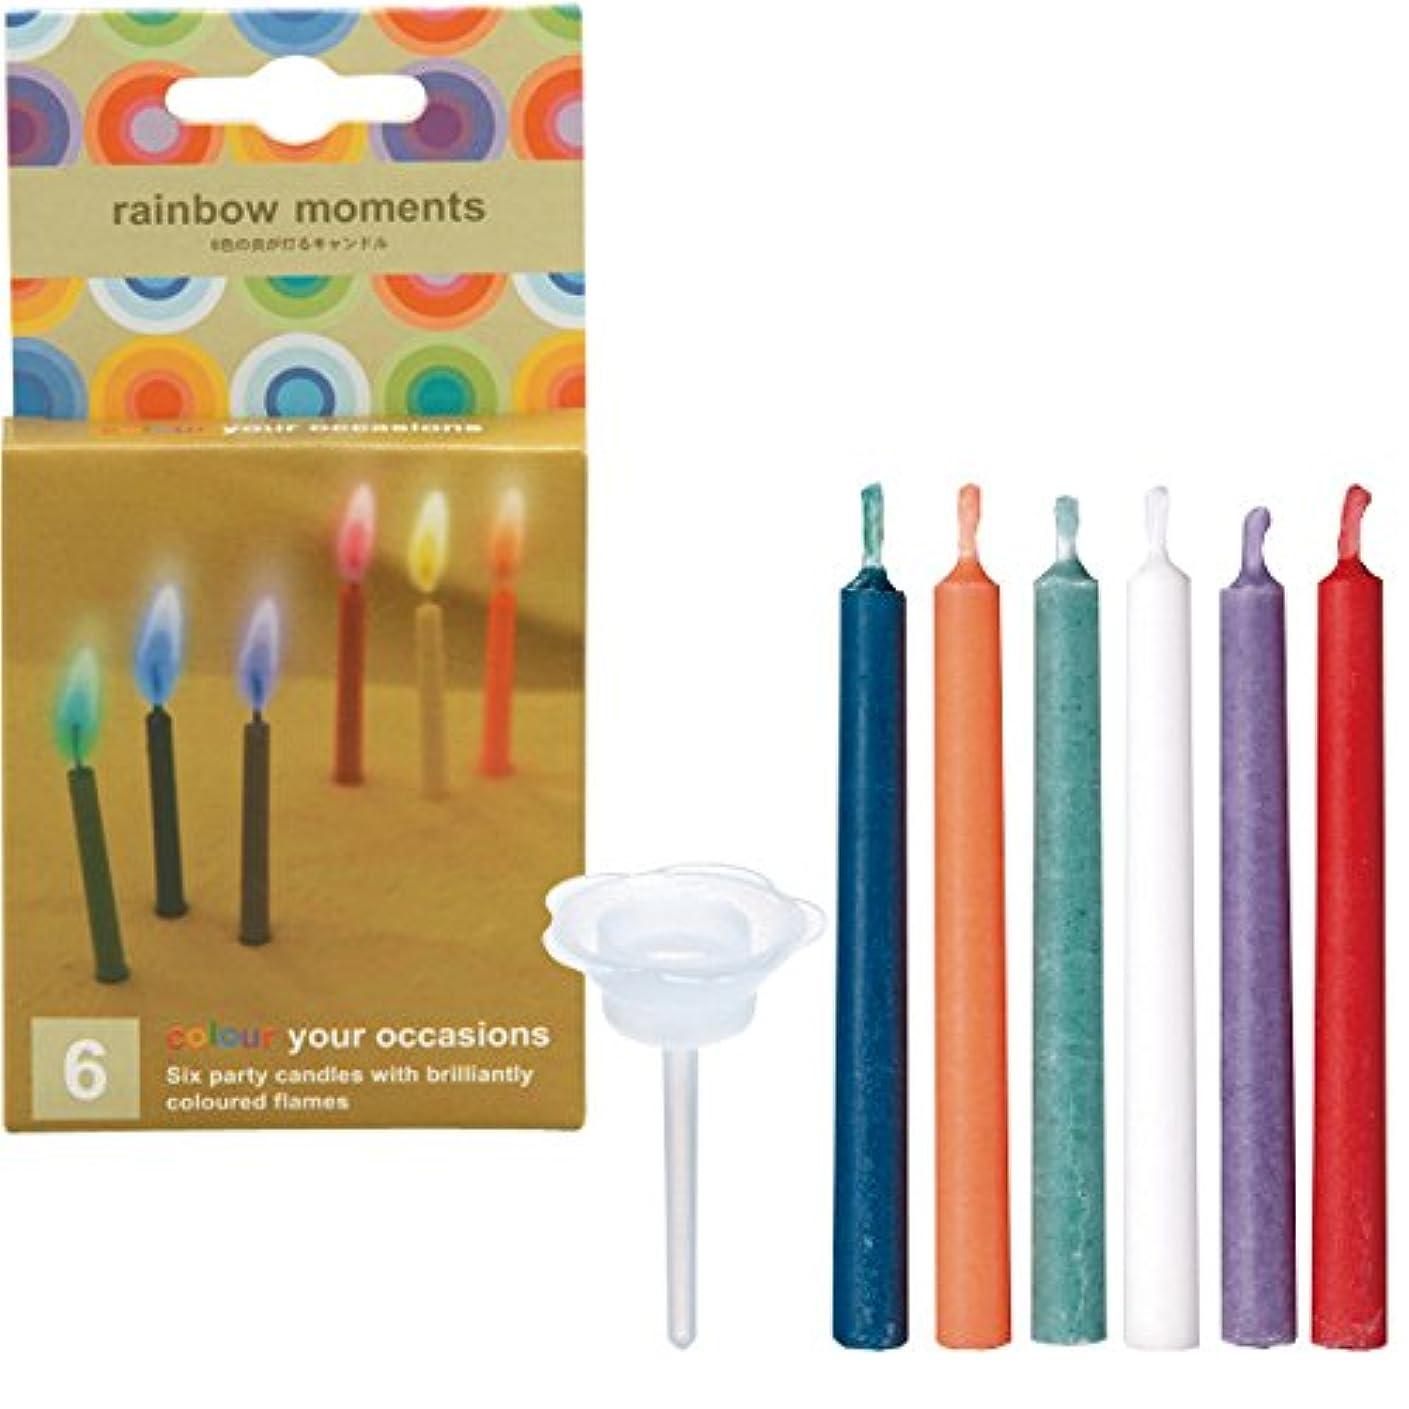 キルスインテリア慈善rainbowmoments(レインボーモーメント)6色6本入り 「 6本入り 」 キャンドル 56050000